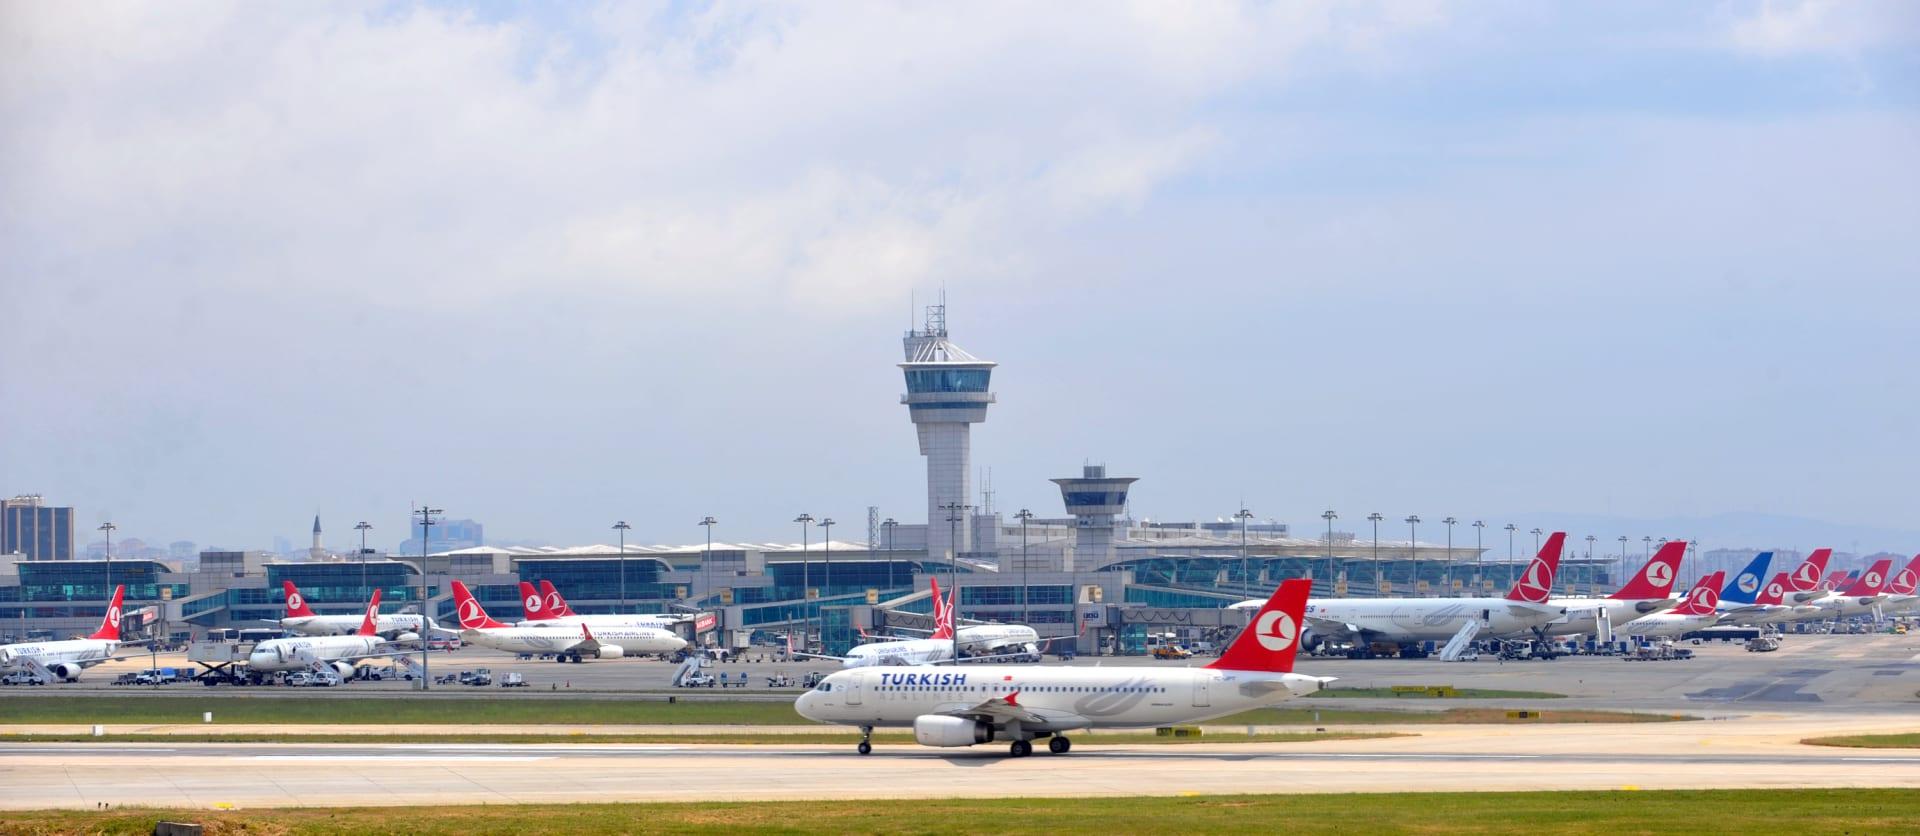 صورة أرشيفية لمطار اتاتورك الدولي العام 2013